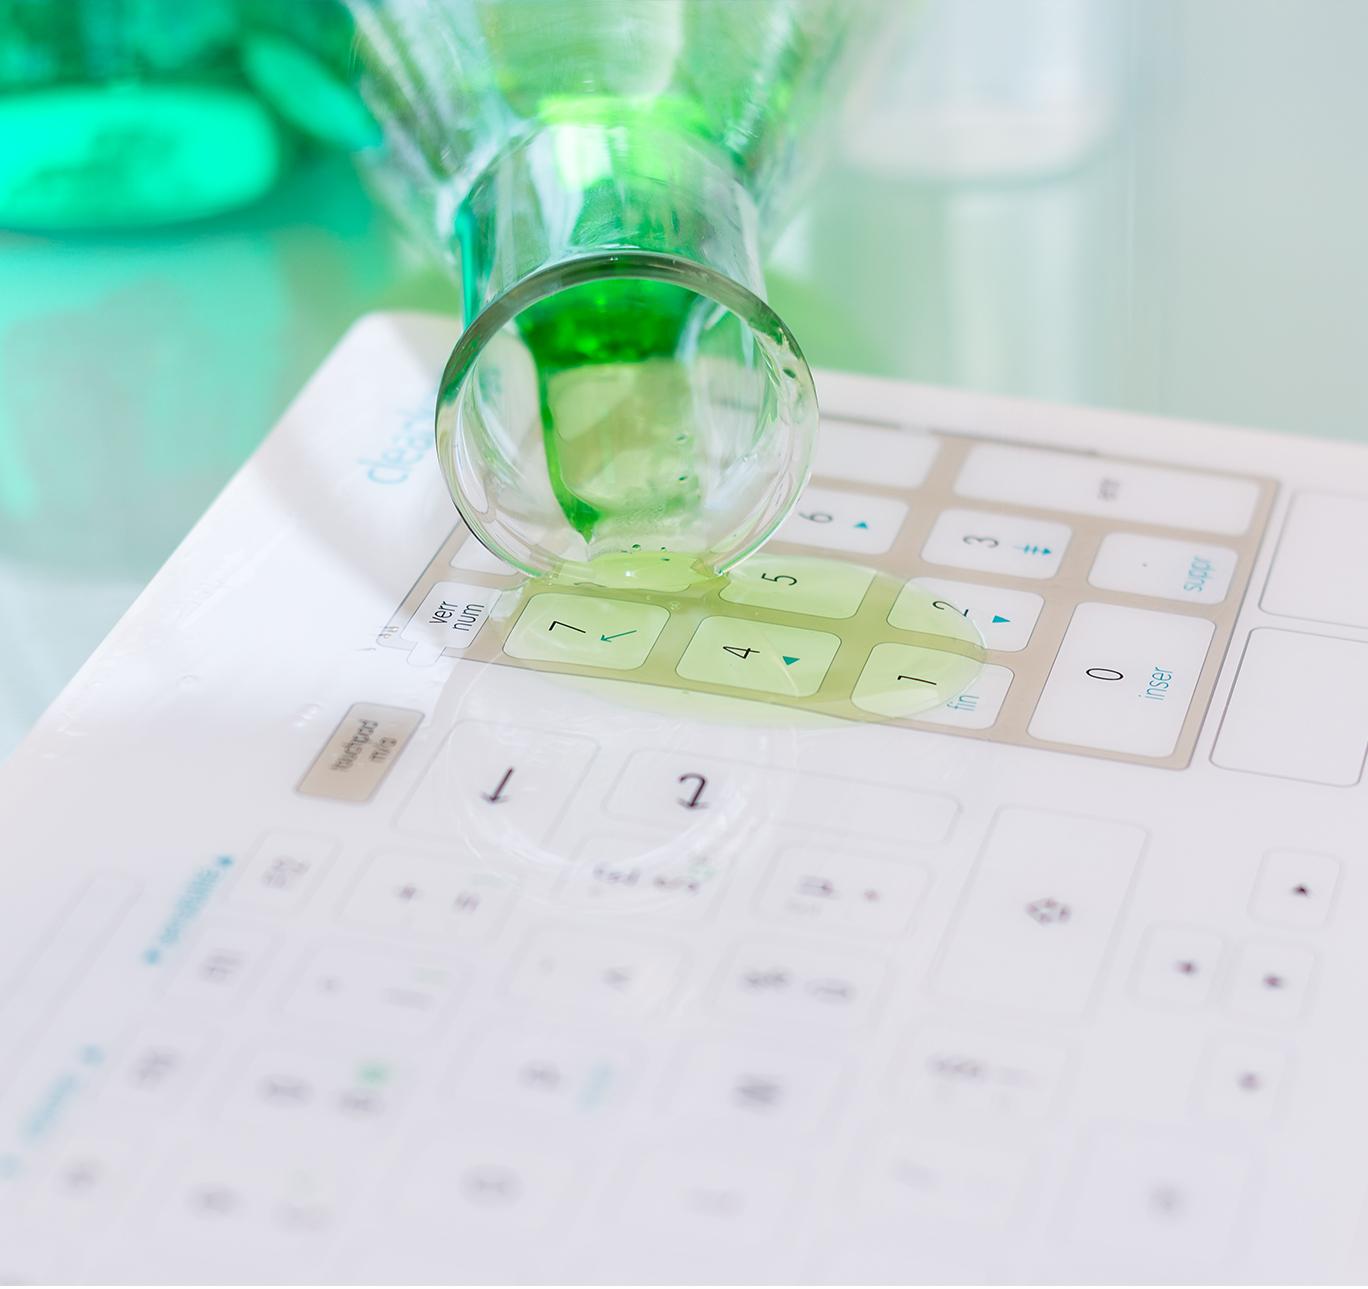 Cleankeys Wireless Glass Surface Keyboard-3379